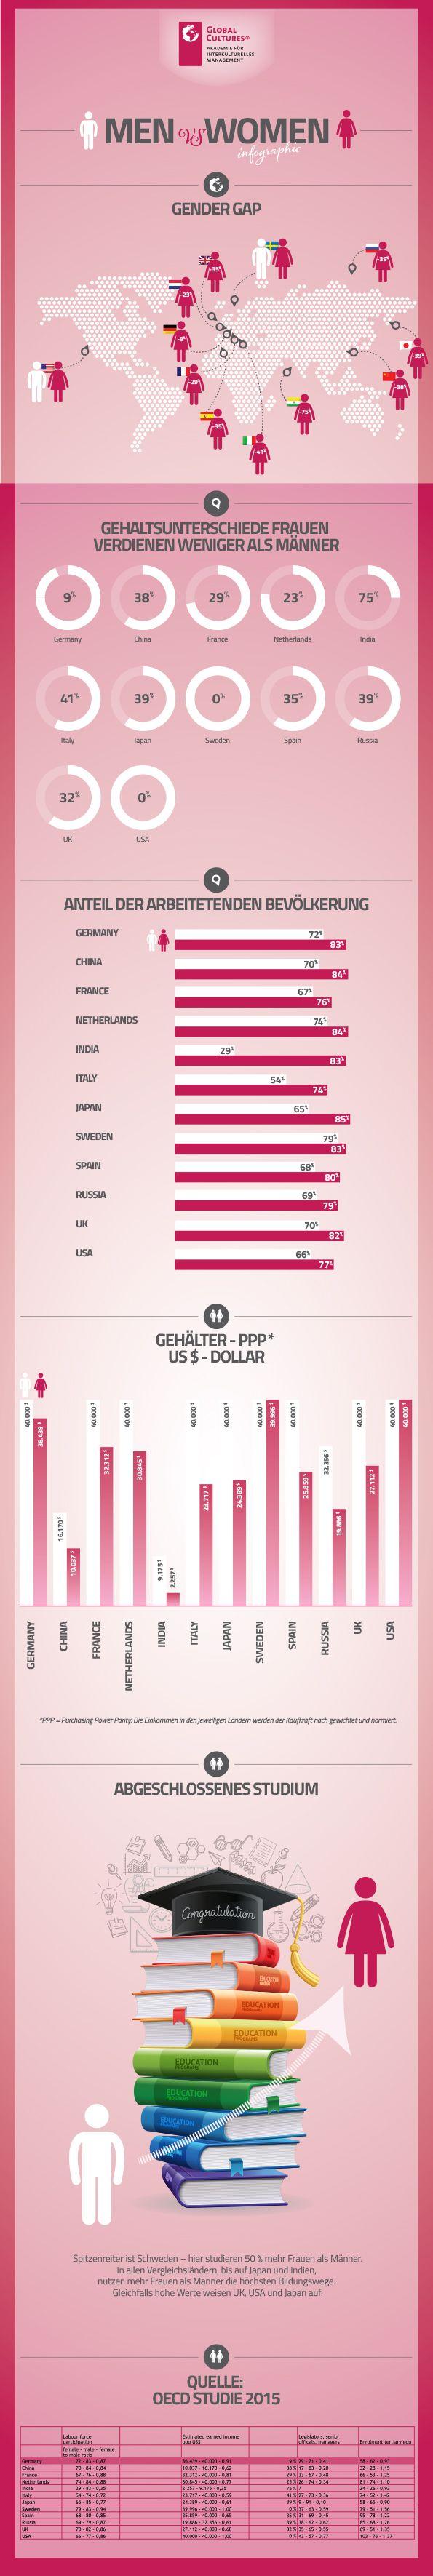 #Infografik Ungleichheit in Deutschland – Frauen verdienen immer noch weniger als Männer!  Eine OECD-Studie aus 2015 belegt, dass Frauen in Deutschland schlechter bezahlt werden als Männer. Dennoch schneidet Deutschland im internationalen Vergleich gar nicht einmal schlecht ab. Hier wurde nach Purchasing Power Parity (Kaufkraftvergleich) berechnet, um die Unterschiede zwischen 12 ausgewählten Ländern vergleichbar zu machen.